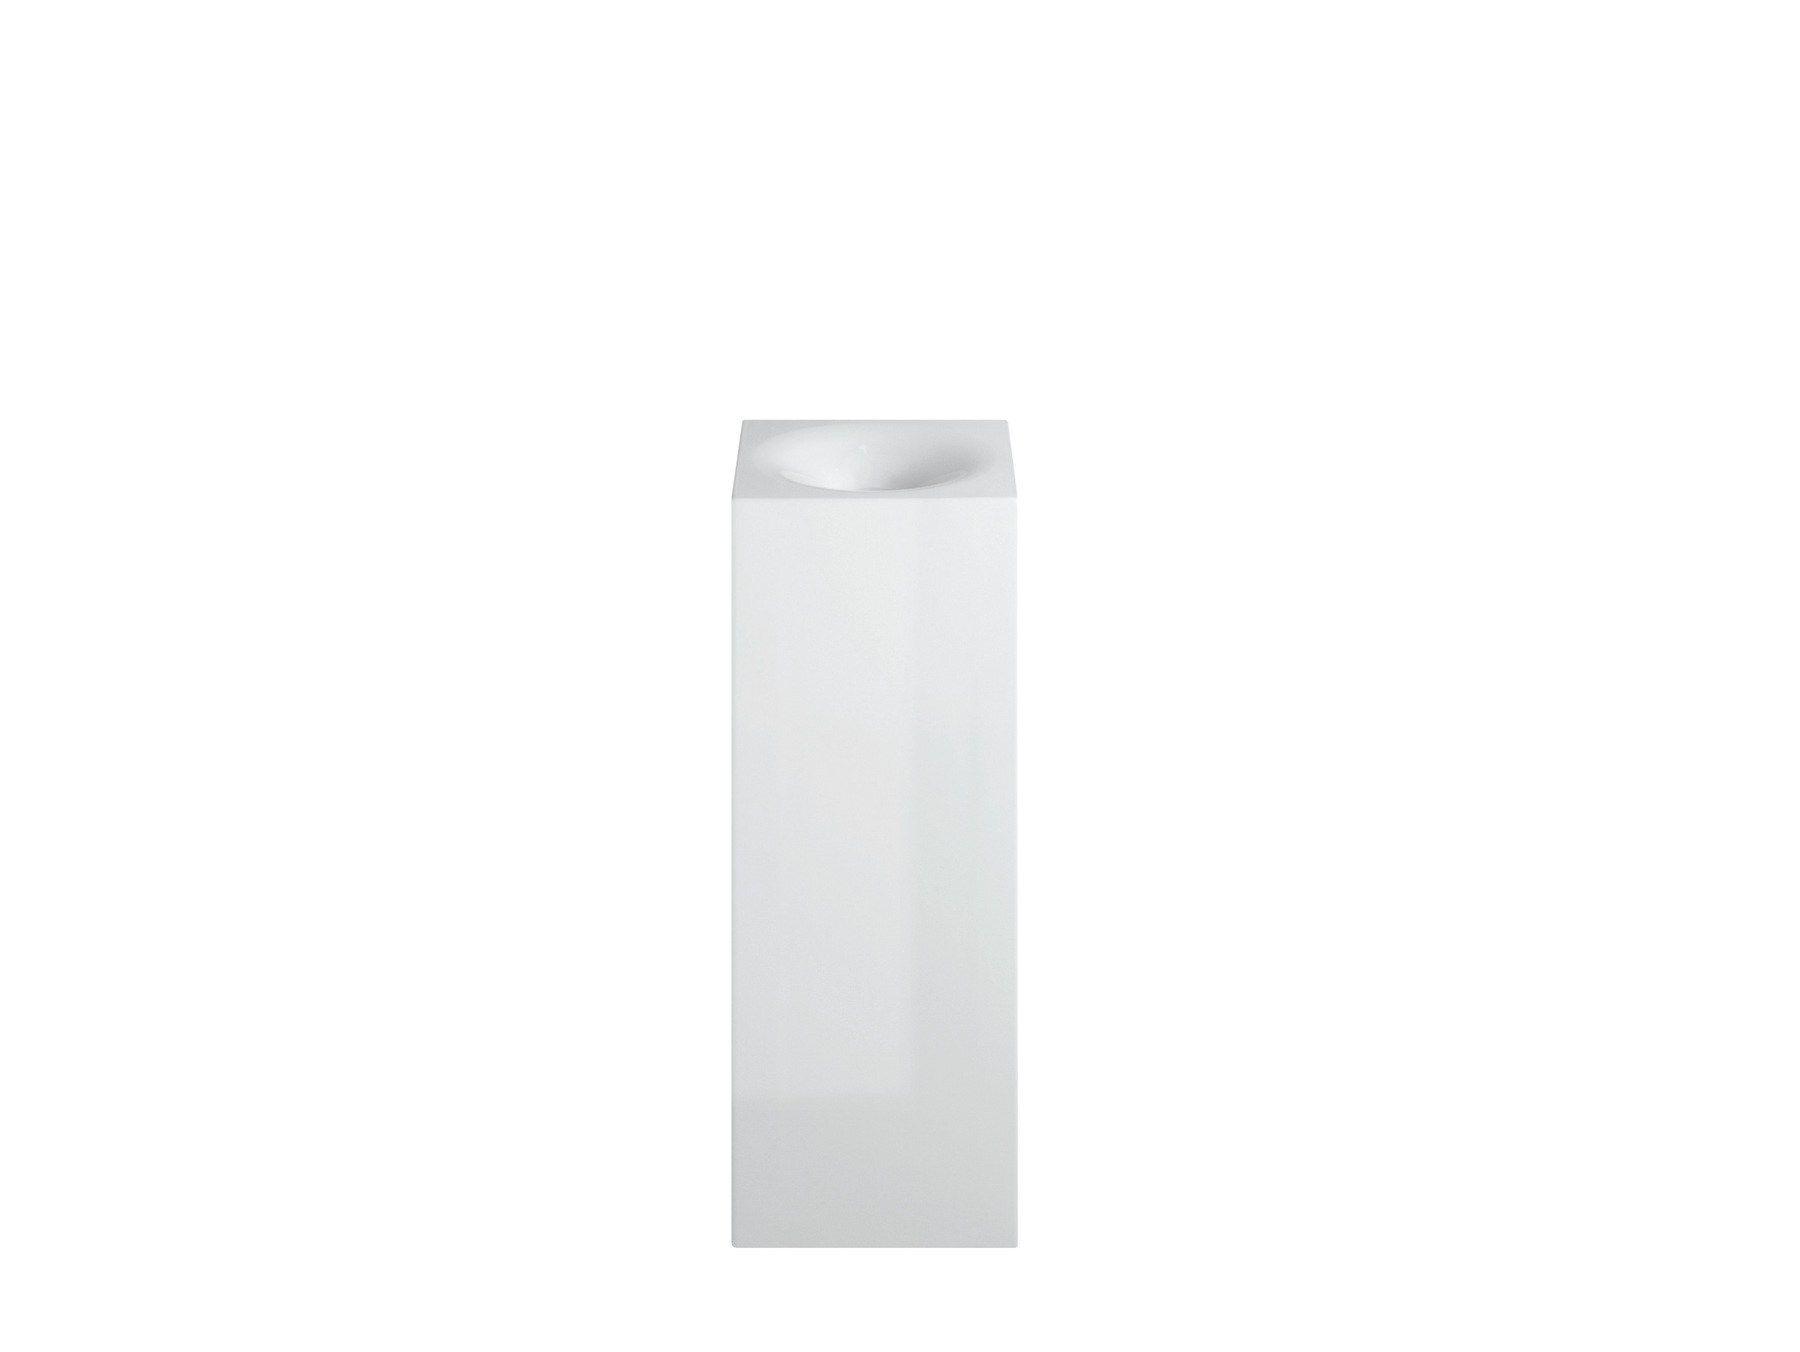 standwaschbecken aus emailliertem stahl bettebowl monolith. Black Bedroom Furniture Sets. Home Design Ideas